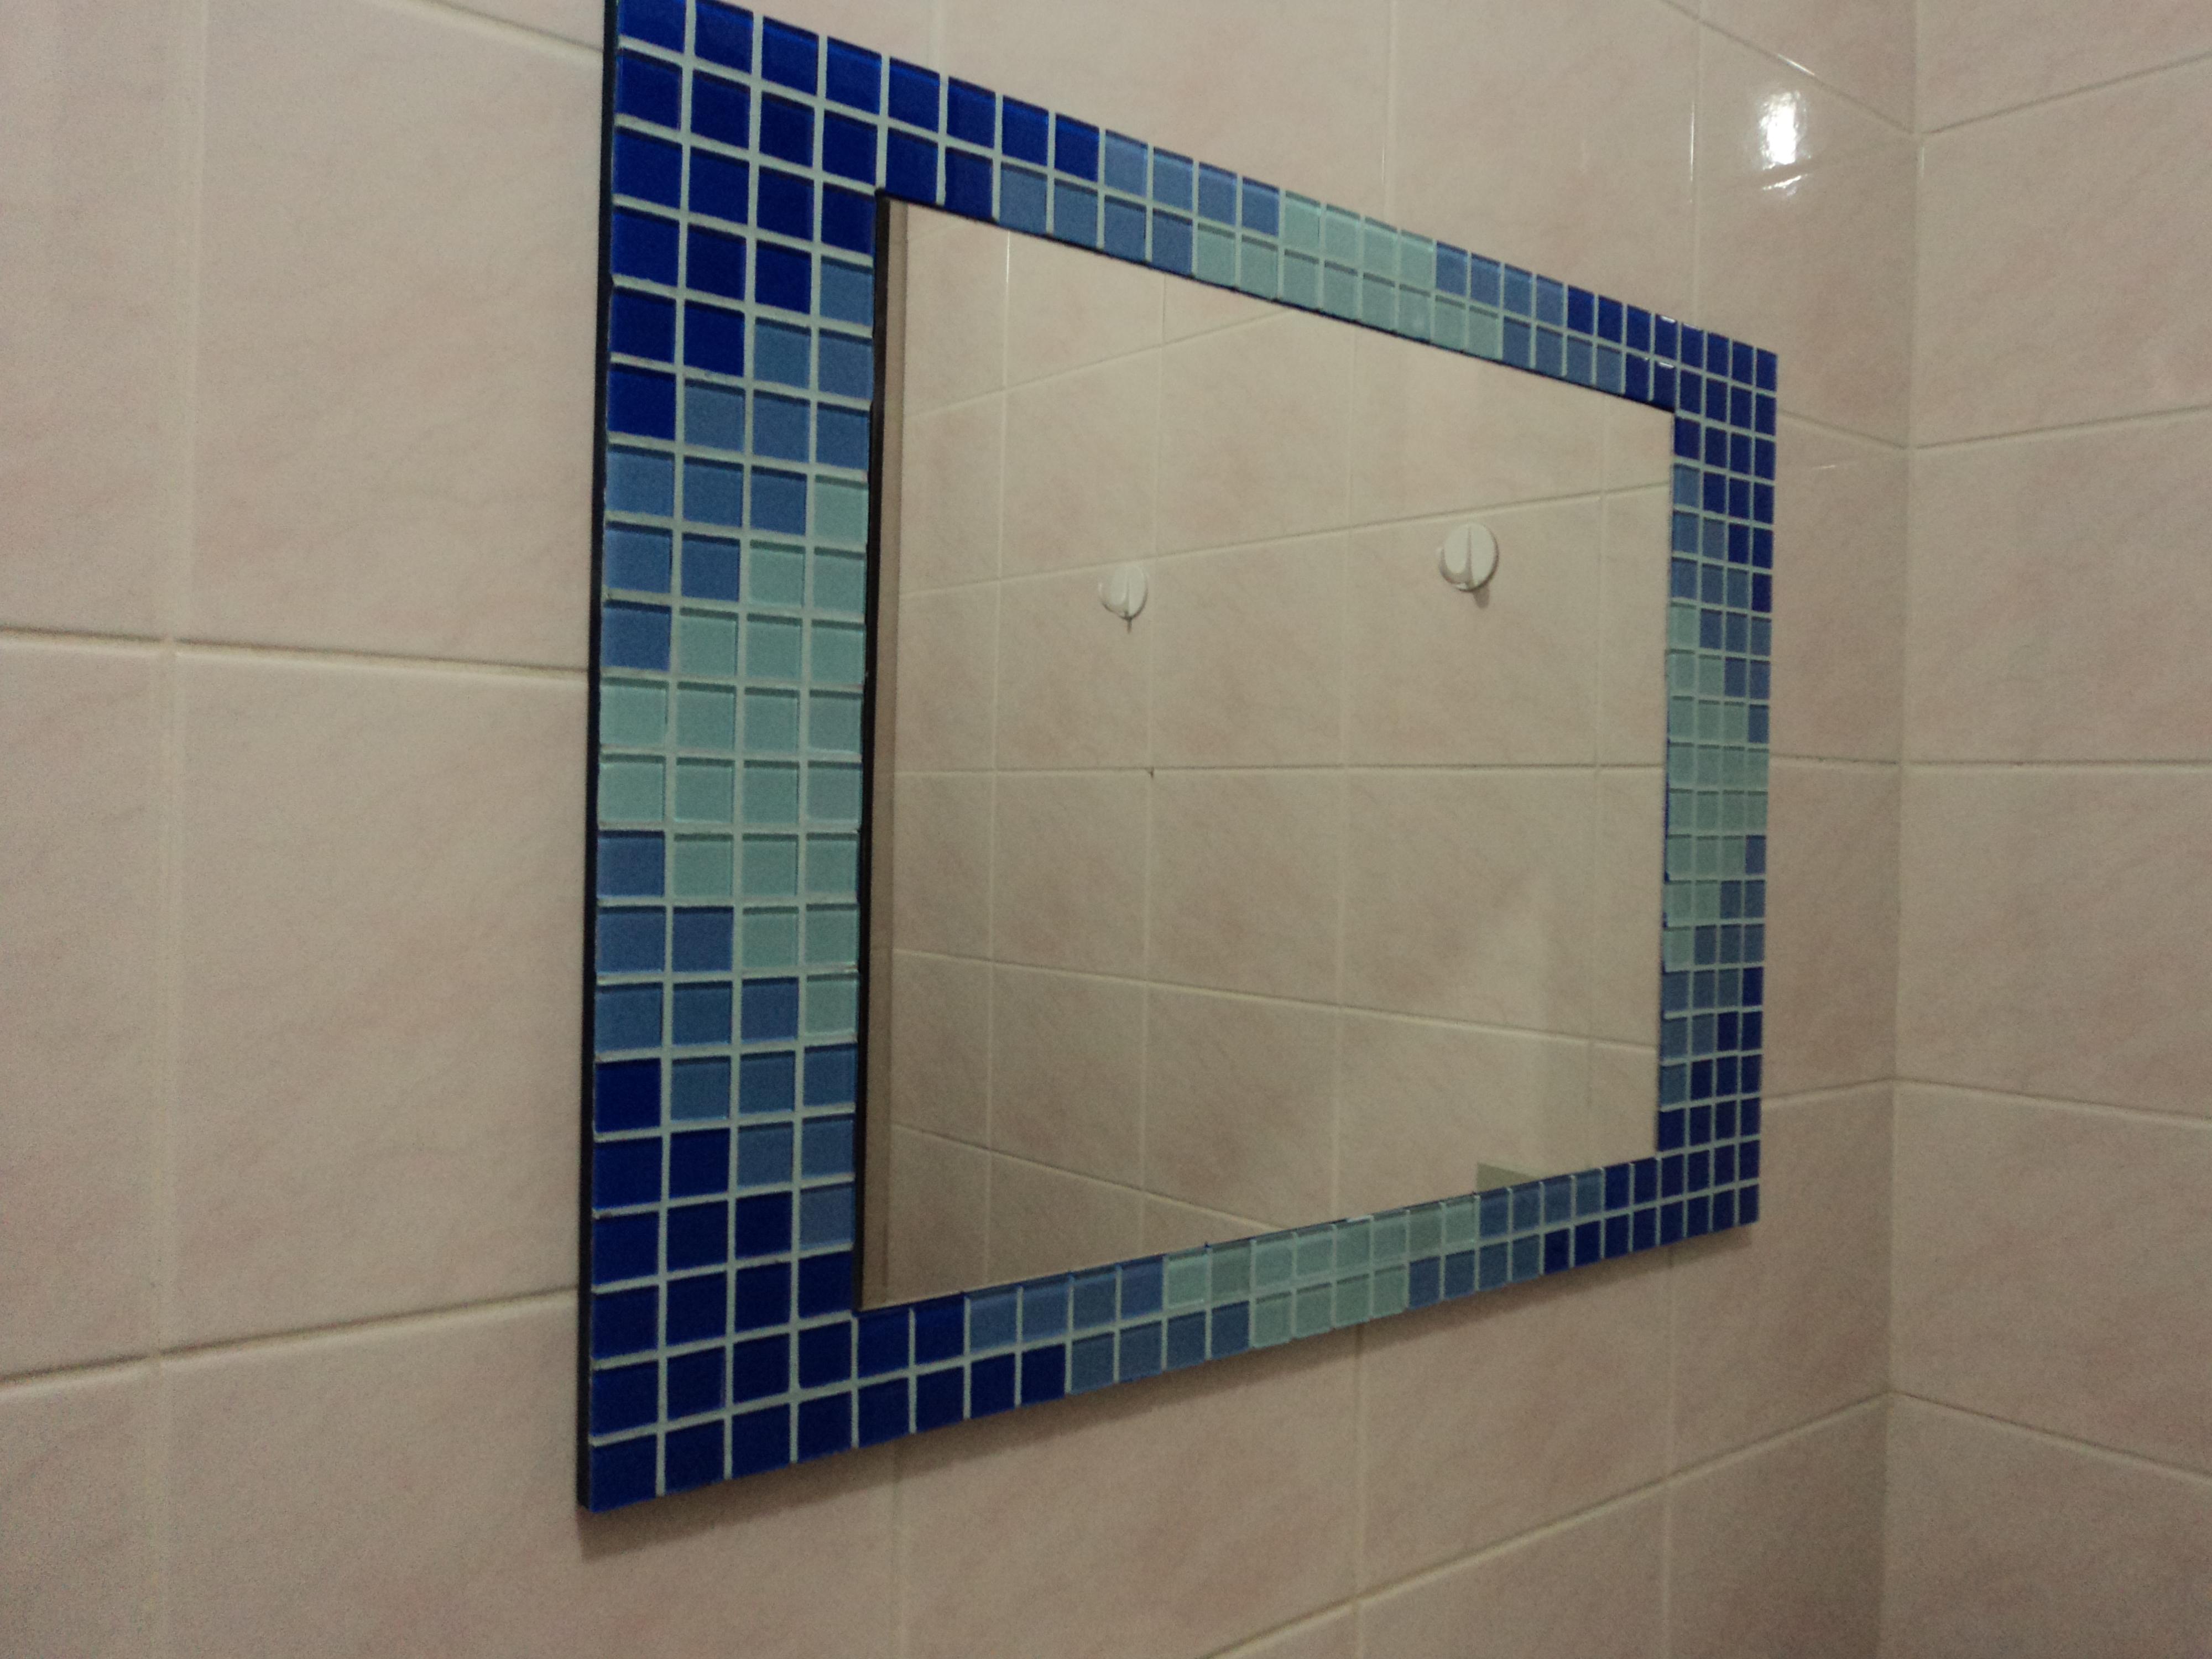 espelho gelatti azul decoracao espelho gelatti azul espelho decorativo #283F61 4000x3000 Banheiro Com Pastilha Espelho